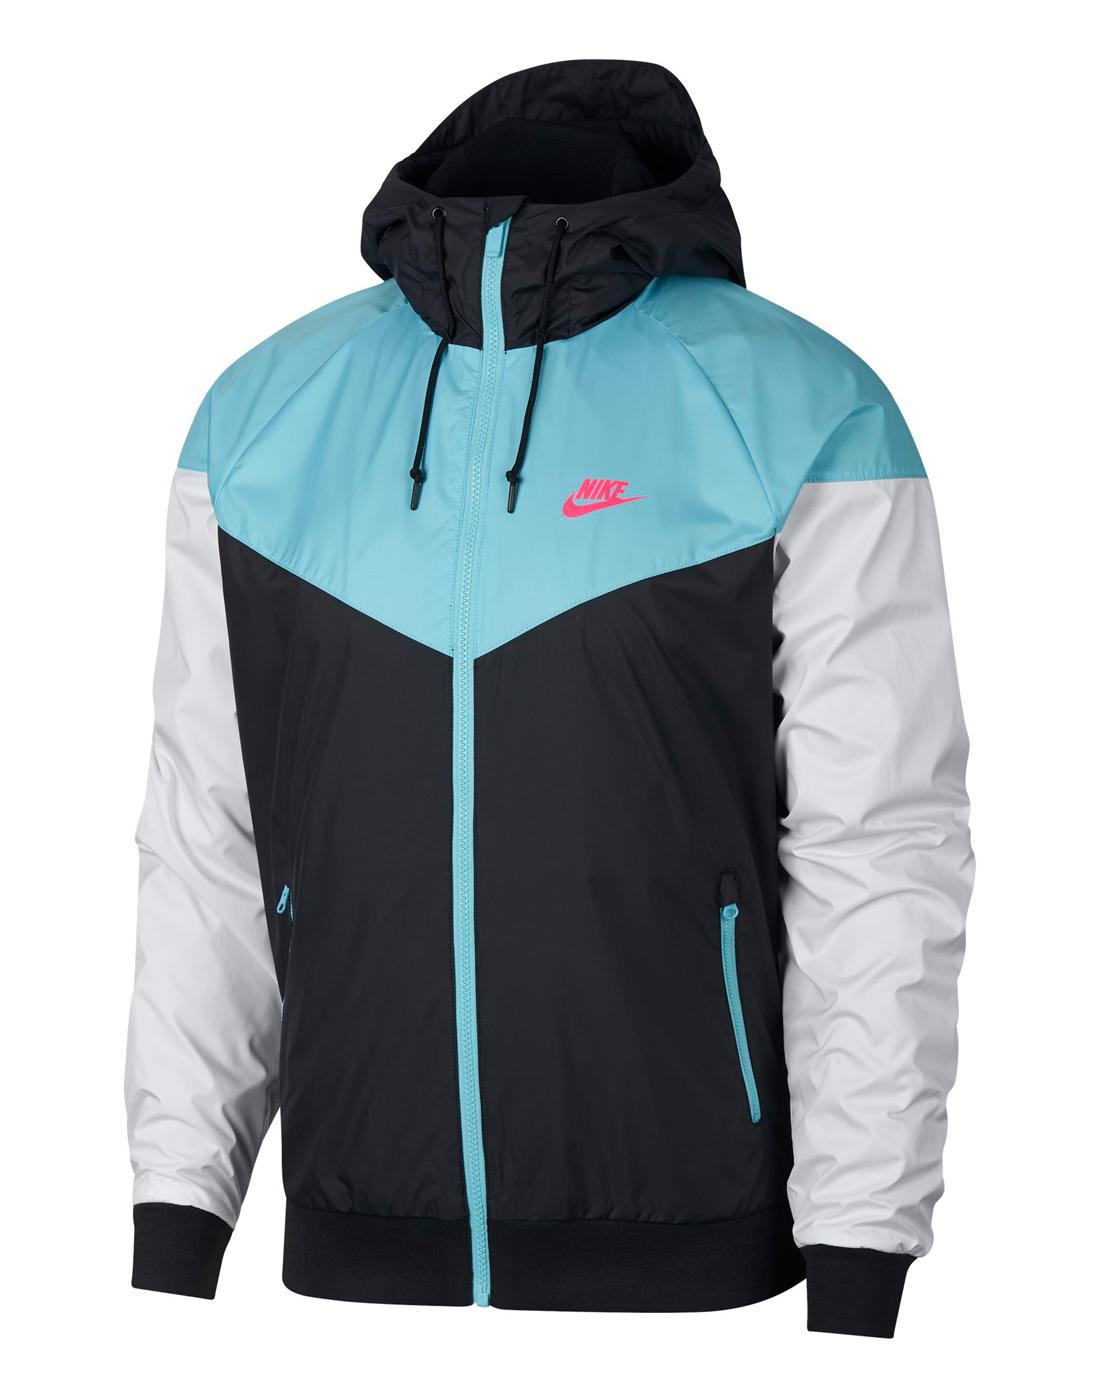 e421daba42 Men s Nike Windrunner Jacket